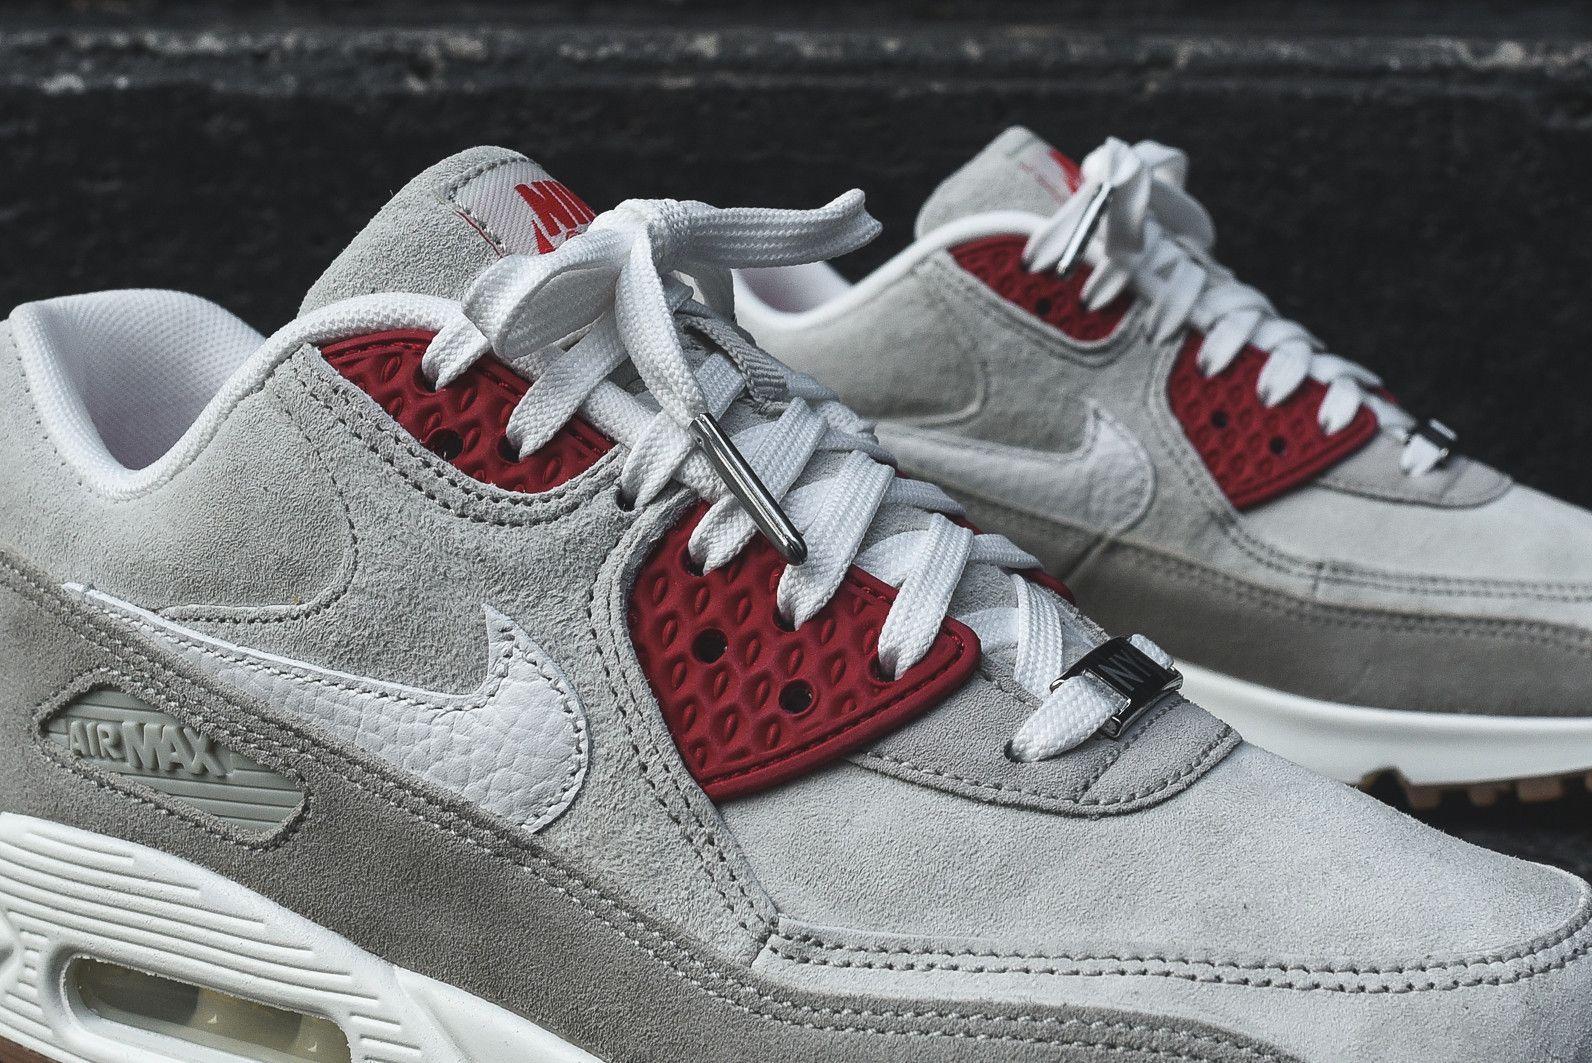 Nike Wmns Air Max 90 Qs - New York